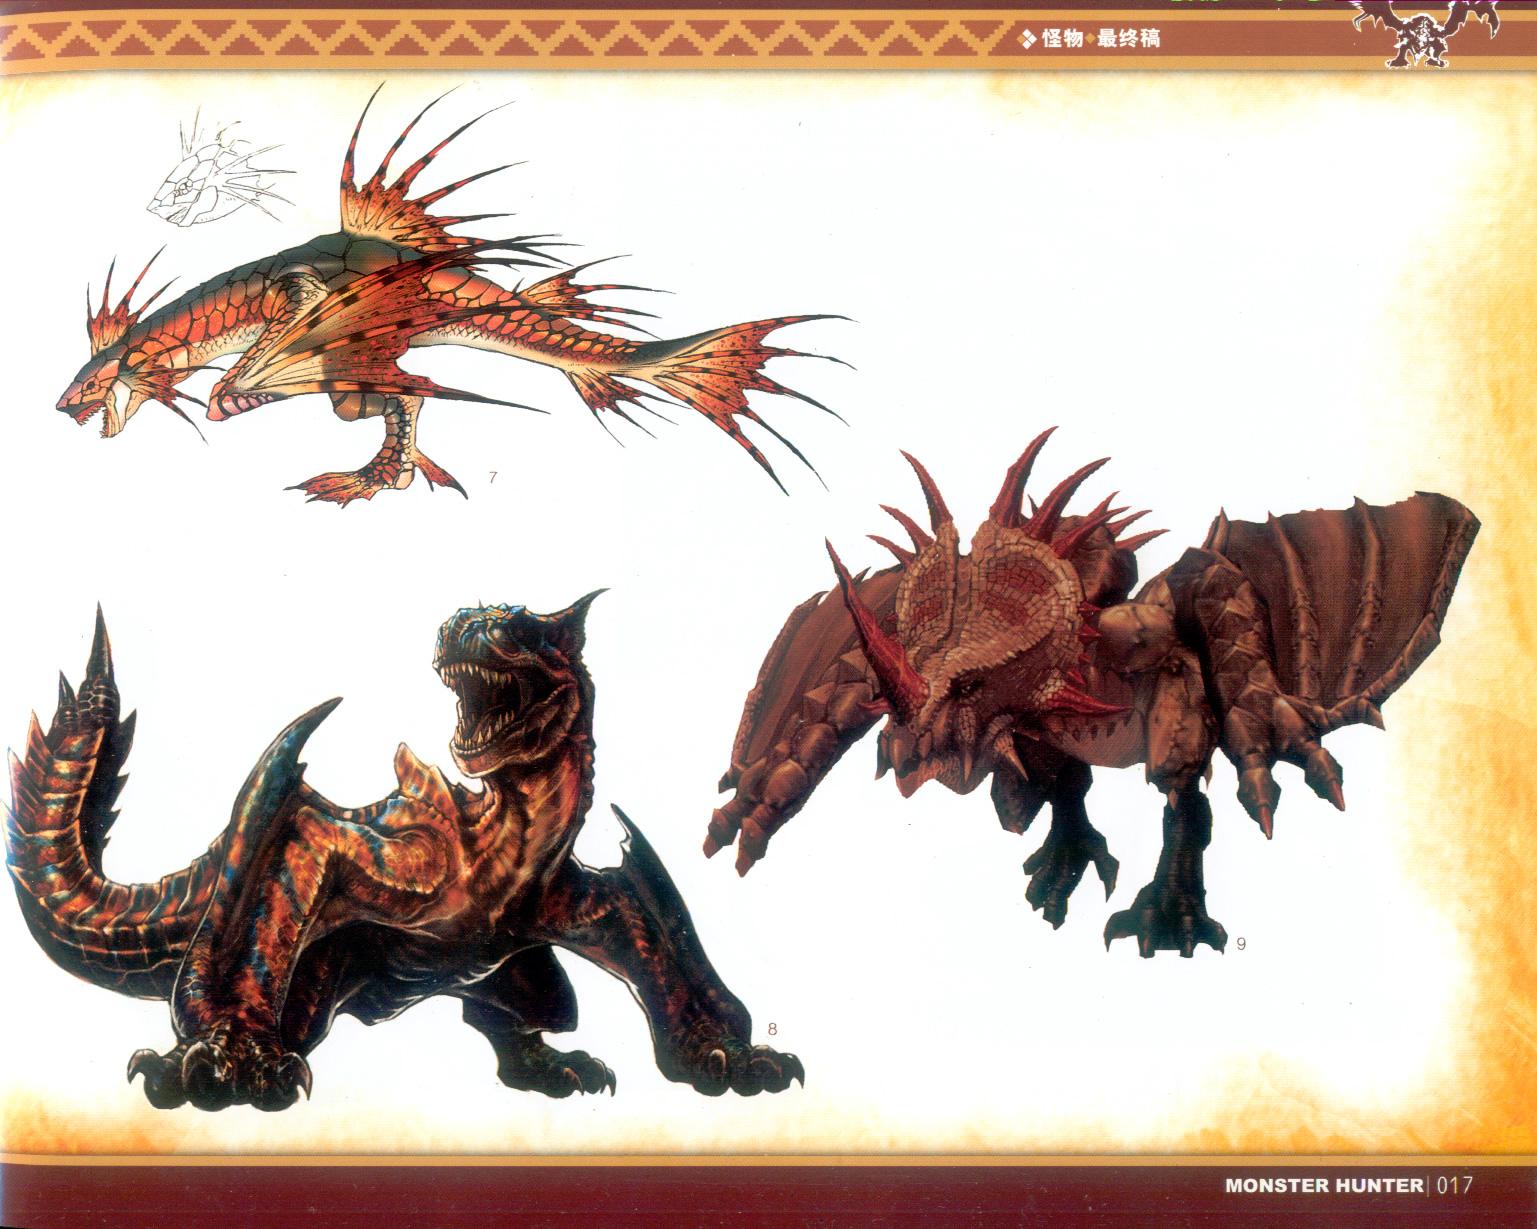 017_关注-游艺网GAME798海量资源下载怪物猎人终极画集.jpg